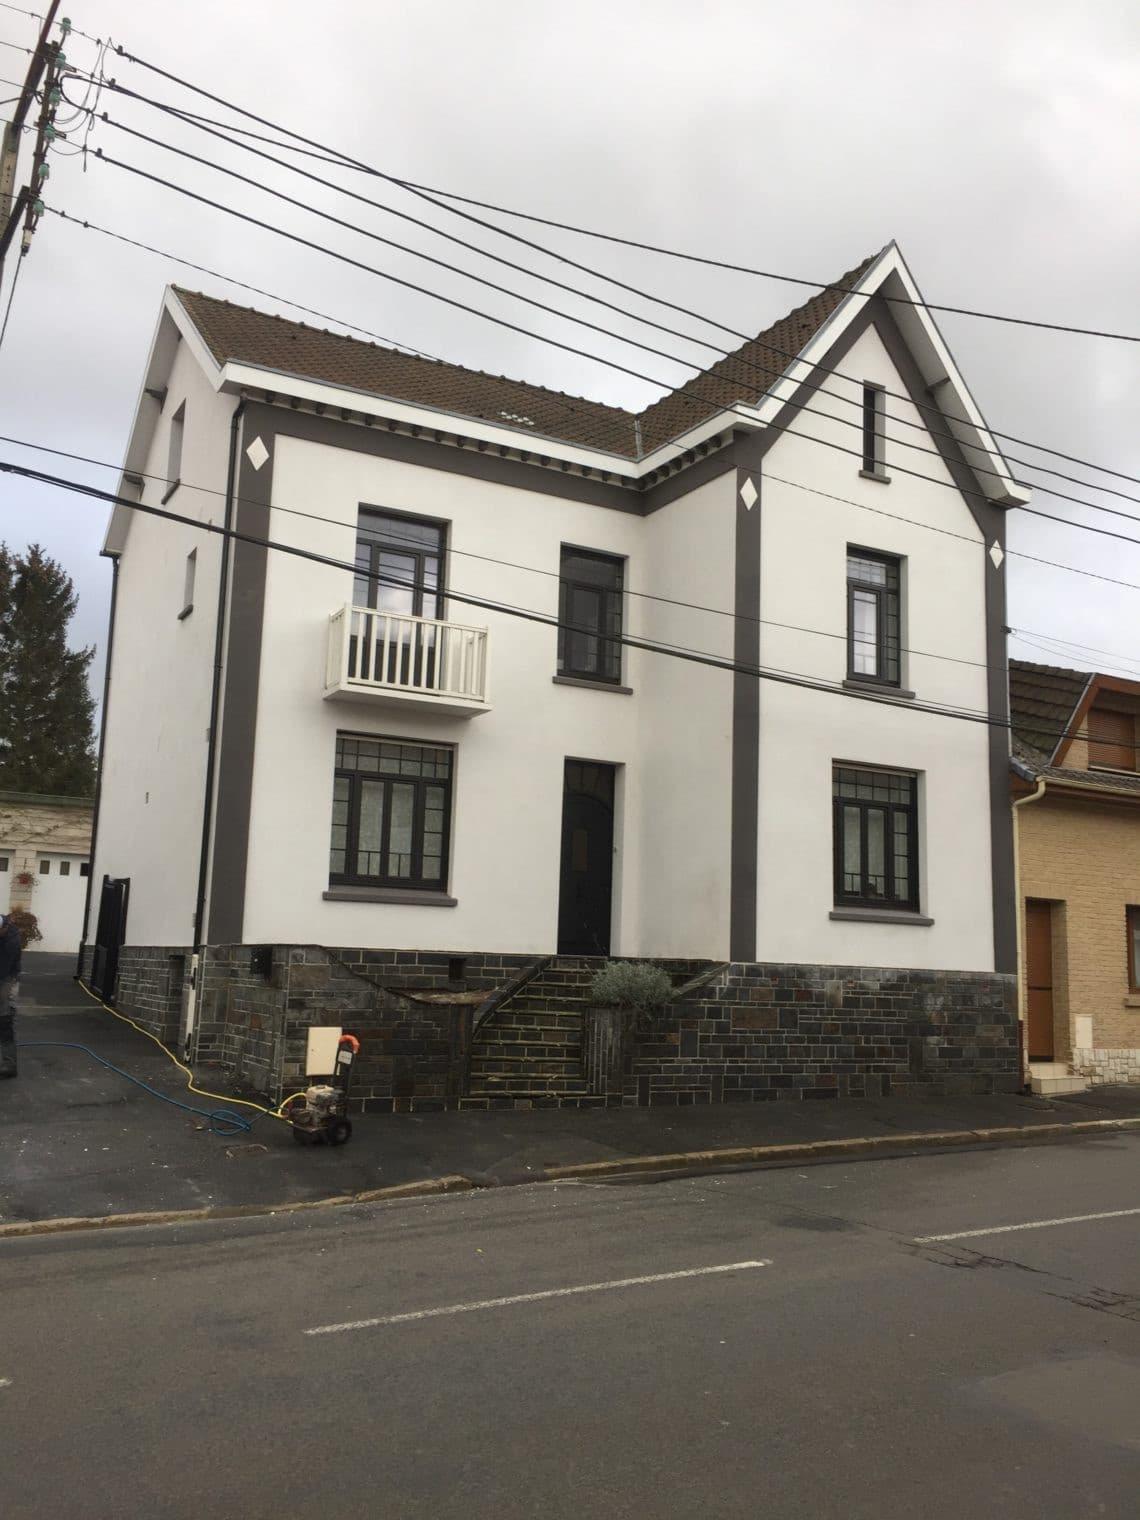 Urbel_renovation_facade_calonne_ricouart-1-1140x1520.jpg